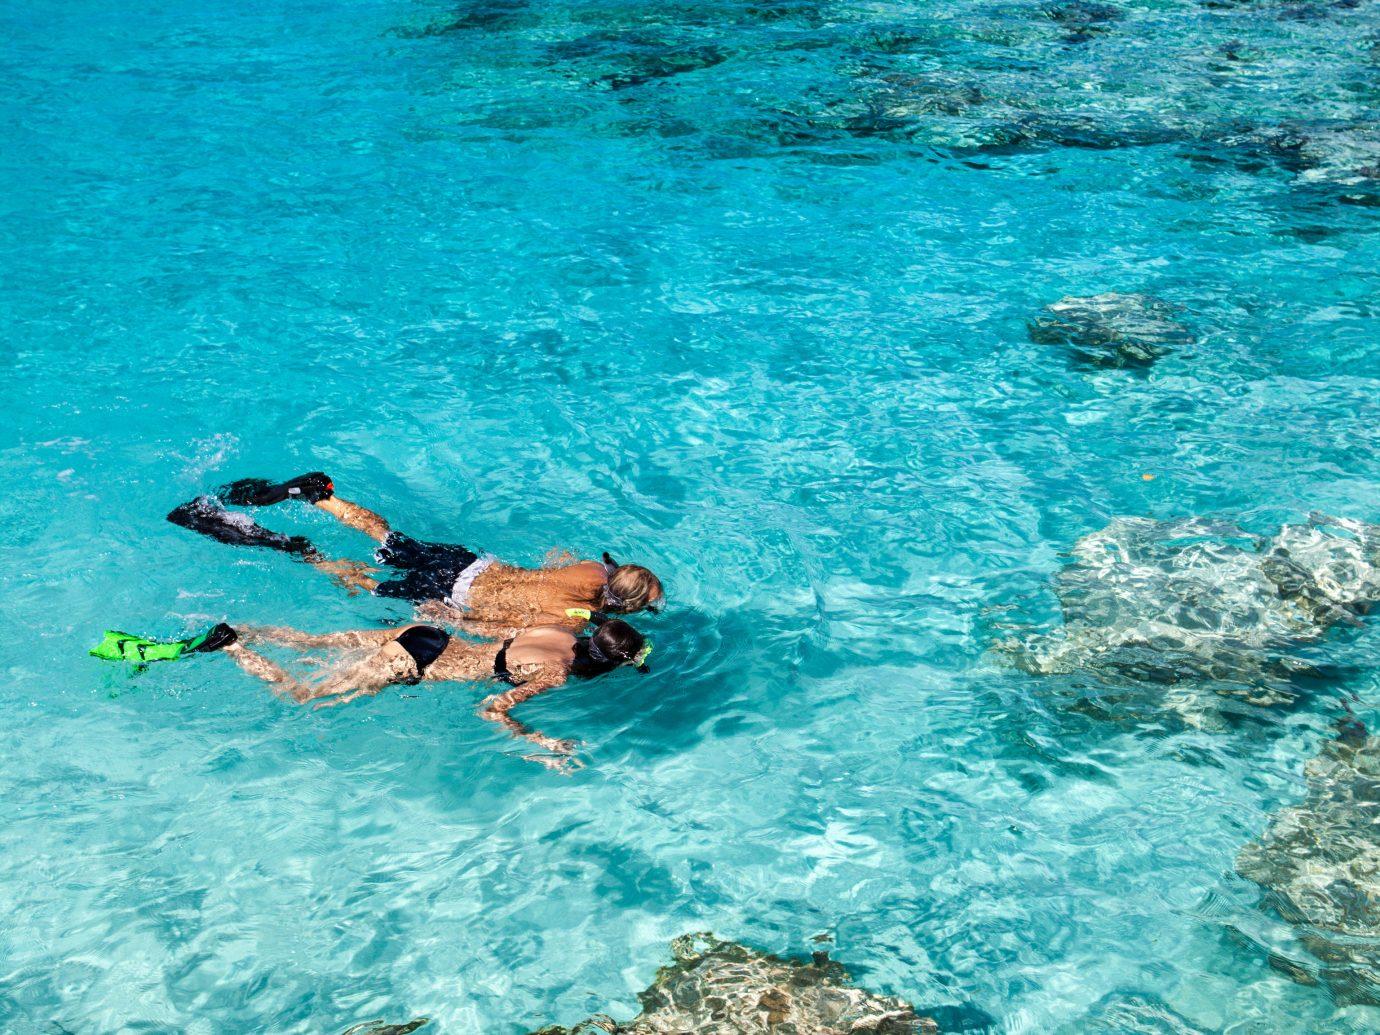 Hotels Offbeat water Sport outdoor marine biology Sea swimming underwater water sport reef coral reef Ocean biology diving blue outdoor recreation snorkeling sports ocean floor